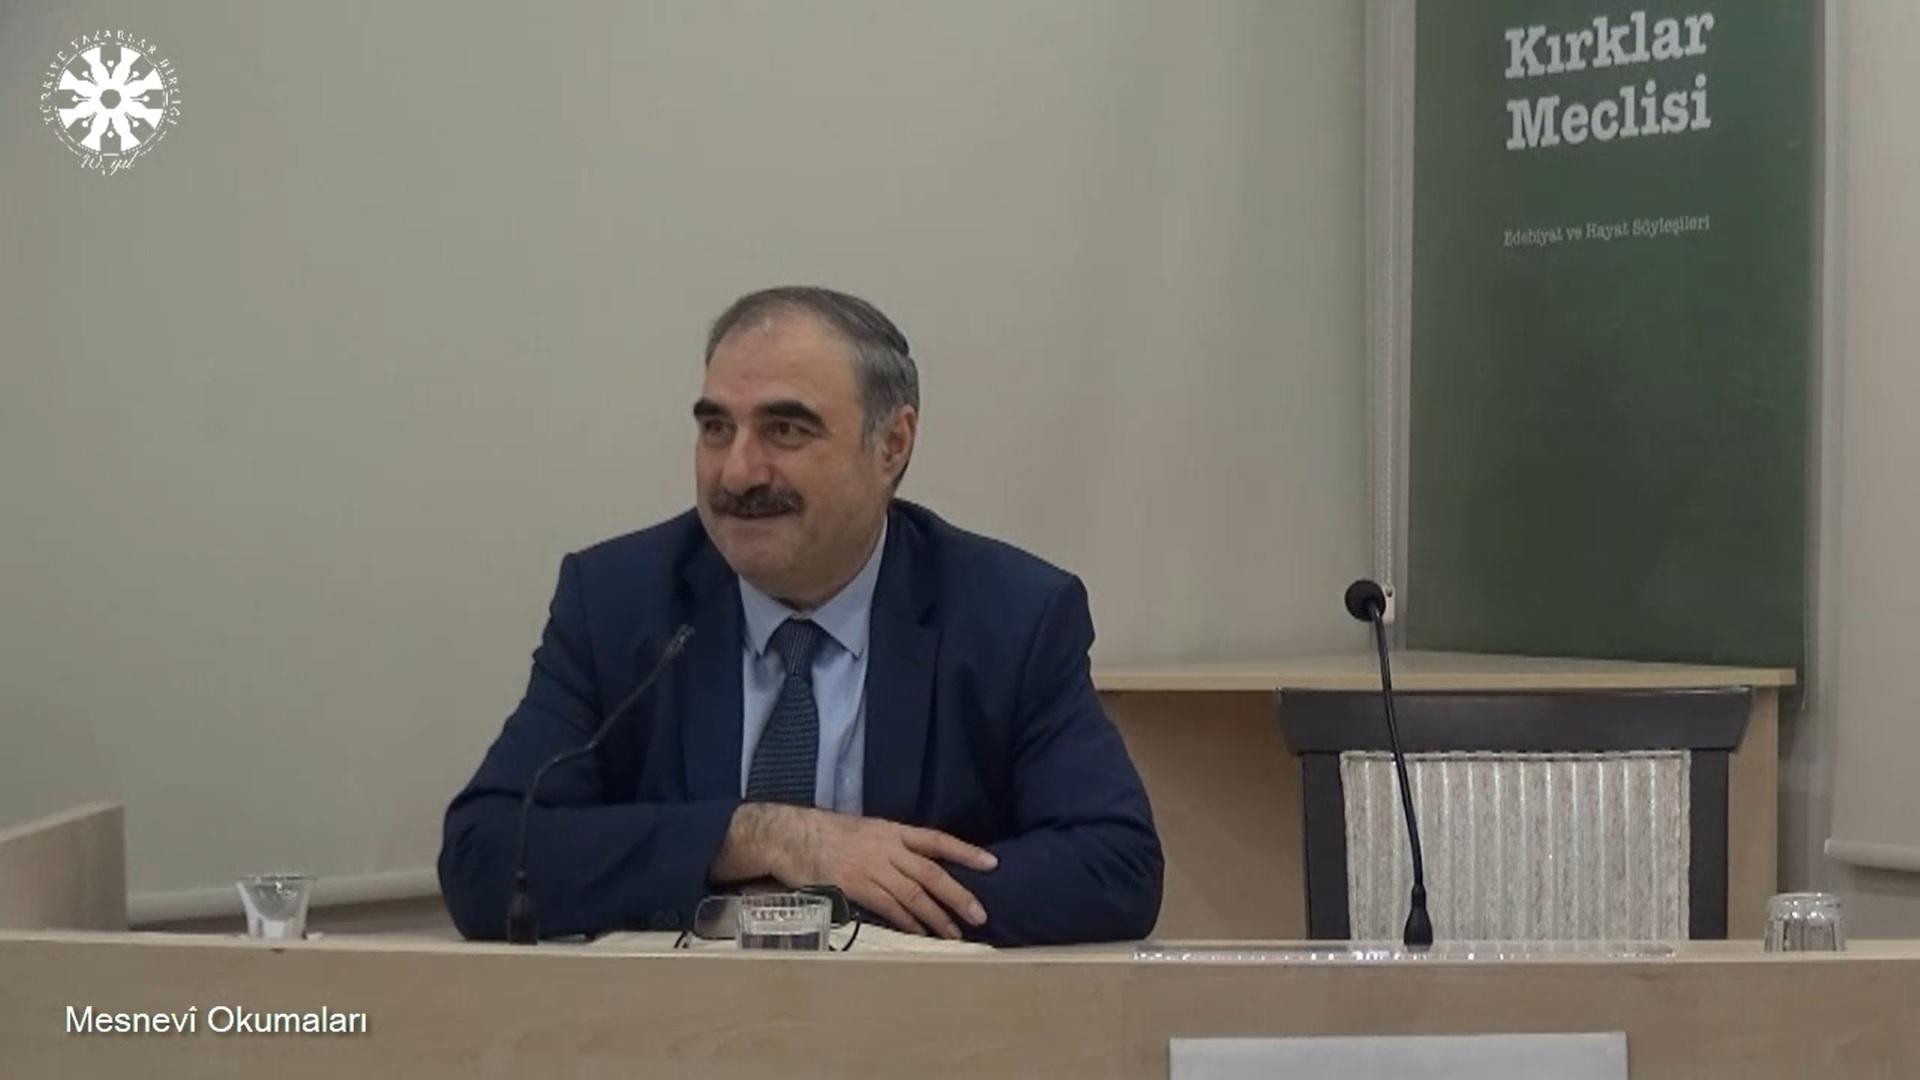 Mesnevî Okumaları -77- Doç. Dr. Yakup Şafak